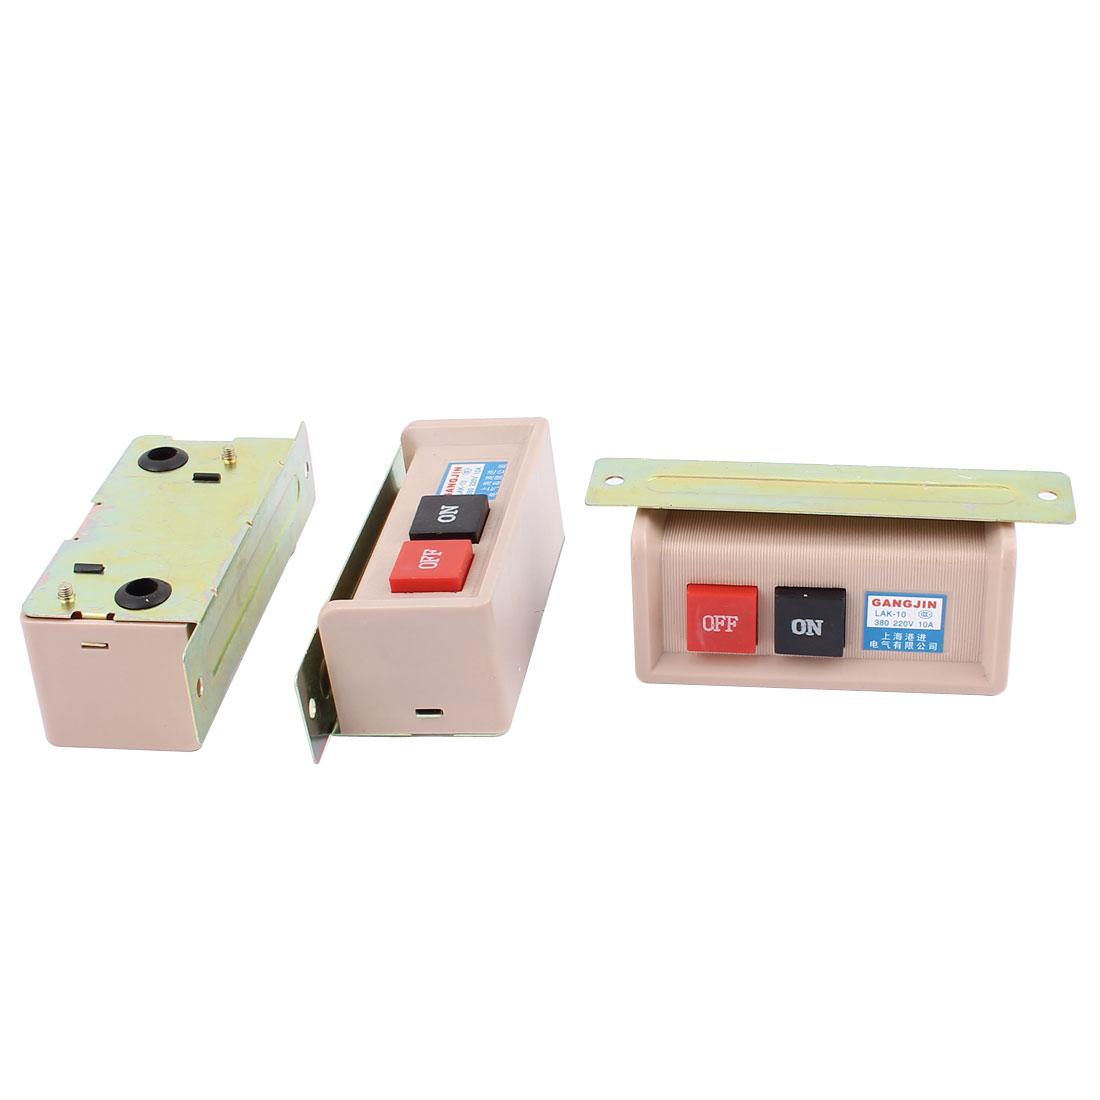 AC 220V/380V 10A ON/OFF 2 Positions Push Button Switch LAK-10 3PCS